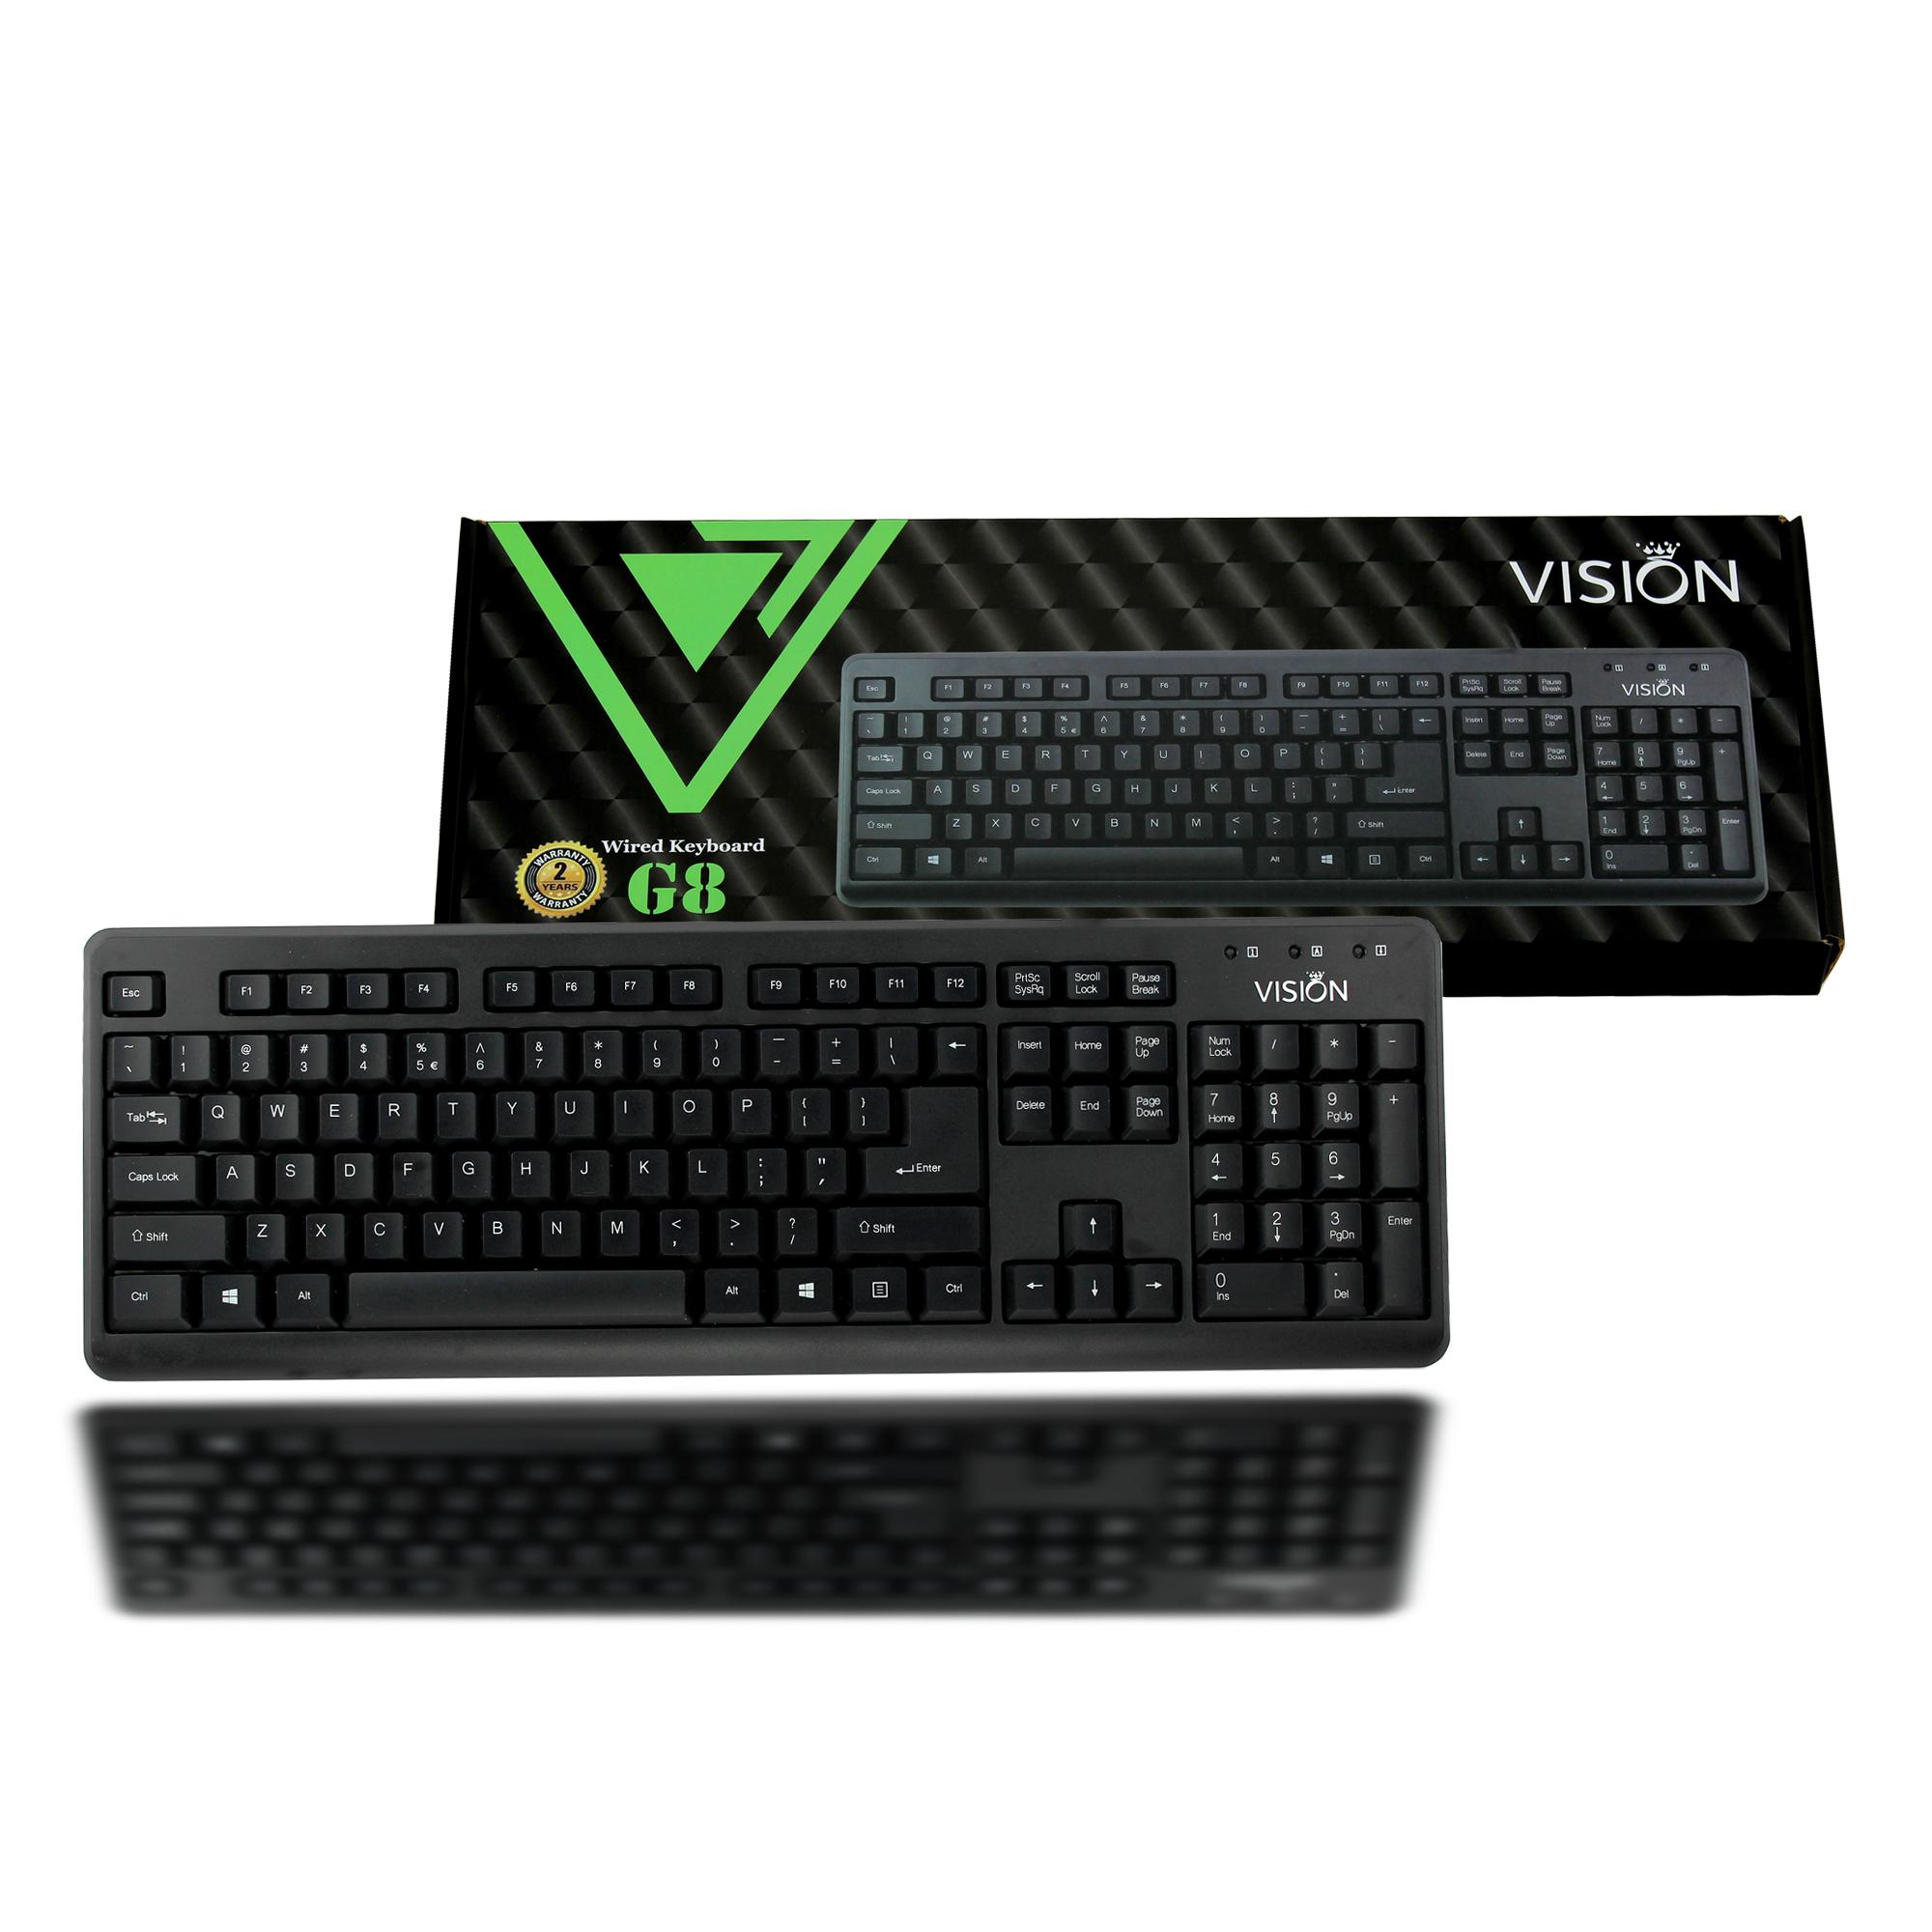 Bàn phím máy tính Vision G8 - Hàng Chính Hãng